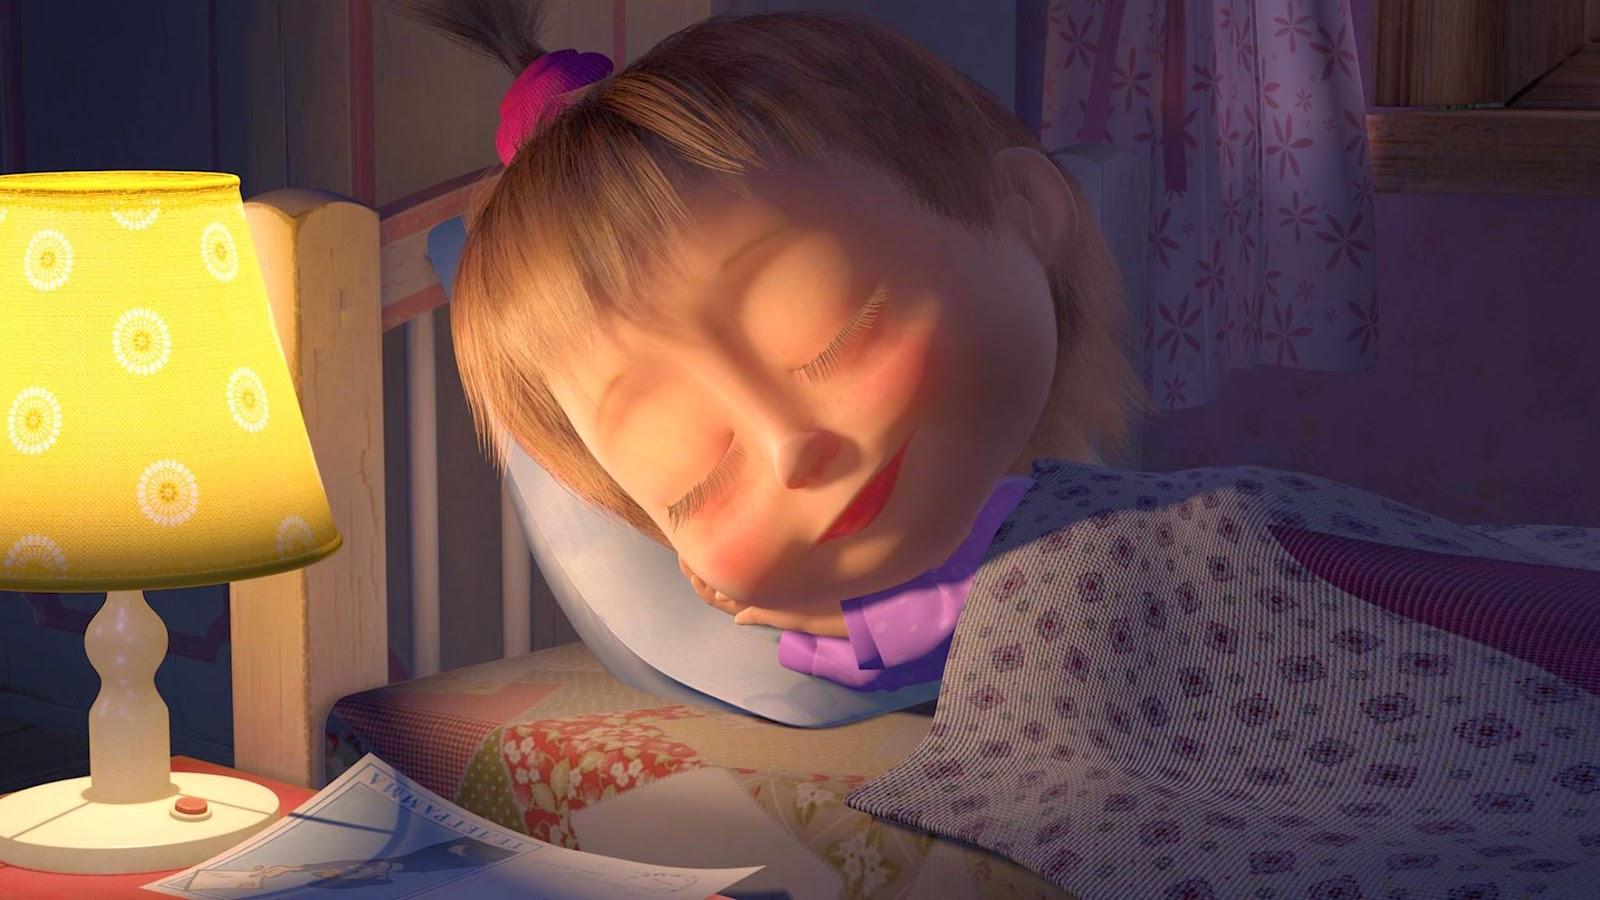 Gambar Lucu Kartun Bangun Tidur Kantor Meme